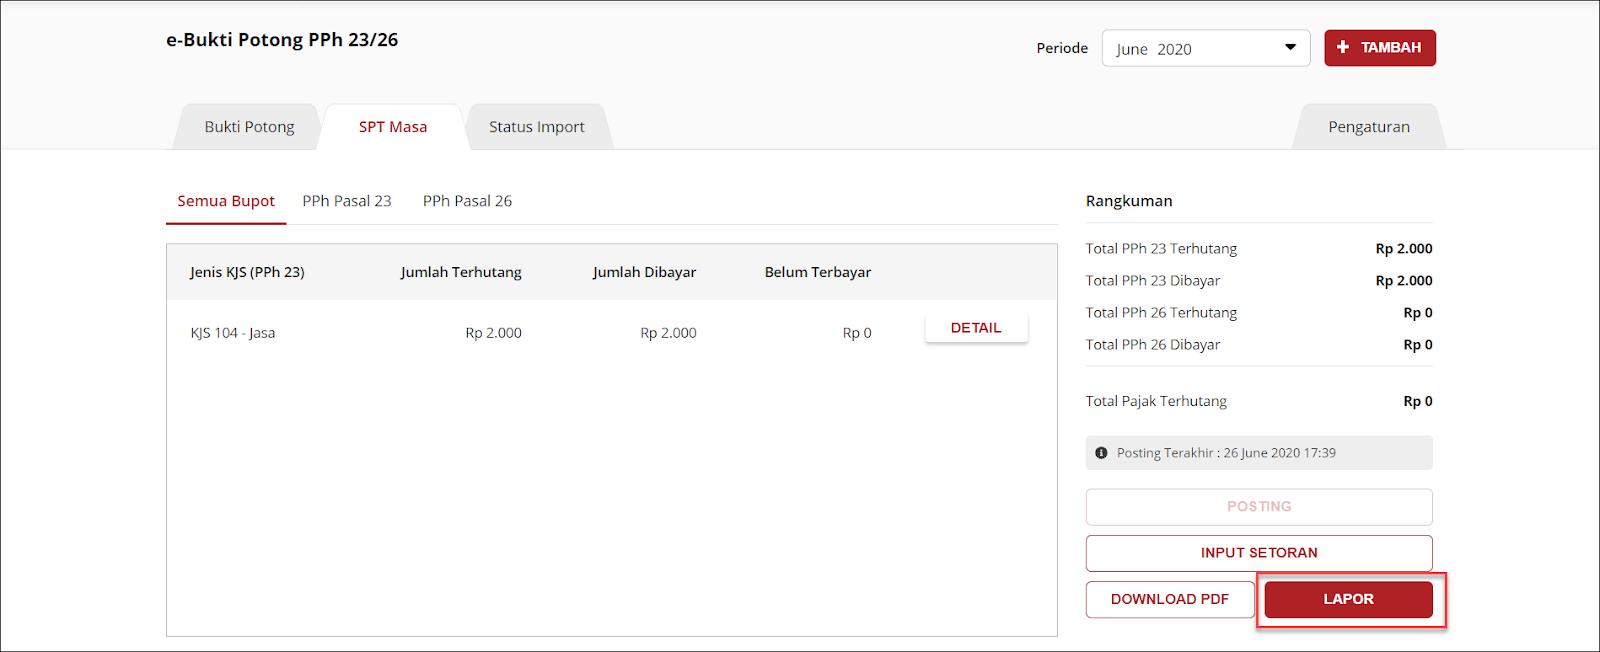 Klik tombol Lapor untuk melaporkan Bukti Potong Pajak di dalam fitur e-Bupot PPh 23/26 OnlinePajak